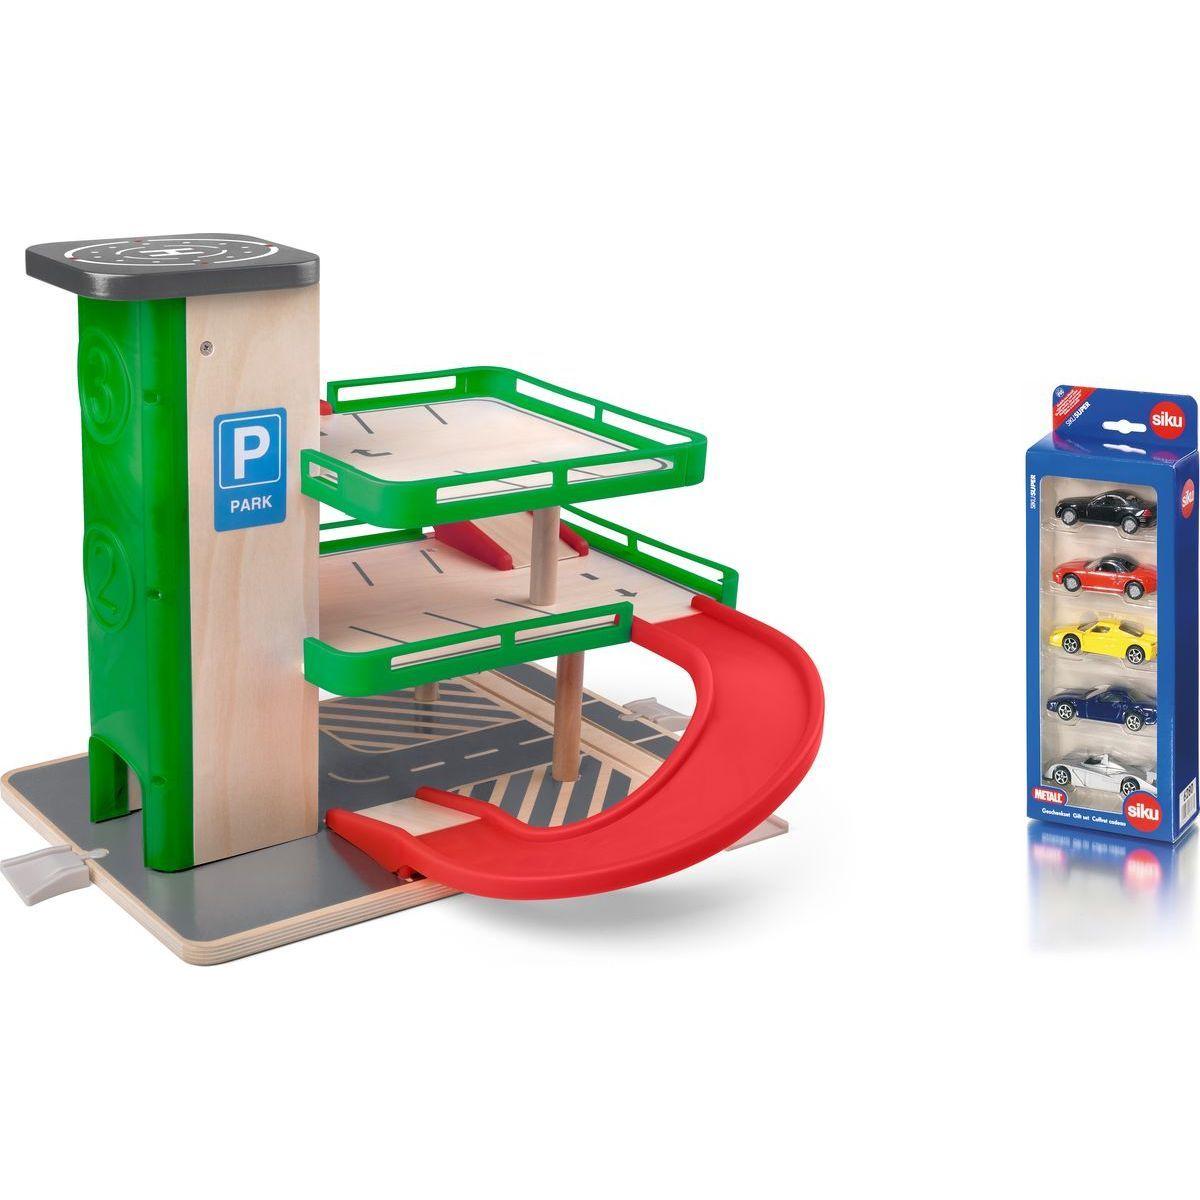 Woody Garáž s výtahem a SIKU autíčky dřevo a plast - Poškozený obal